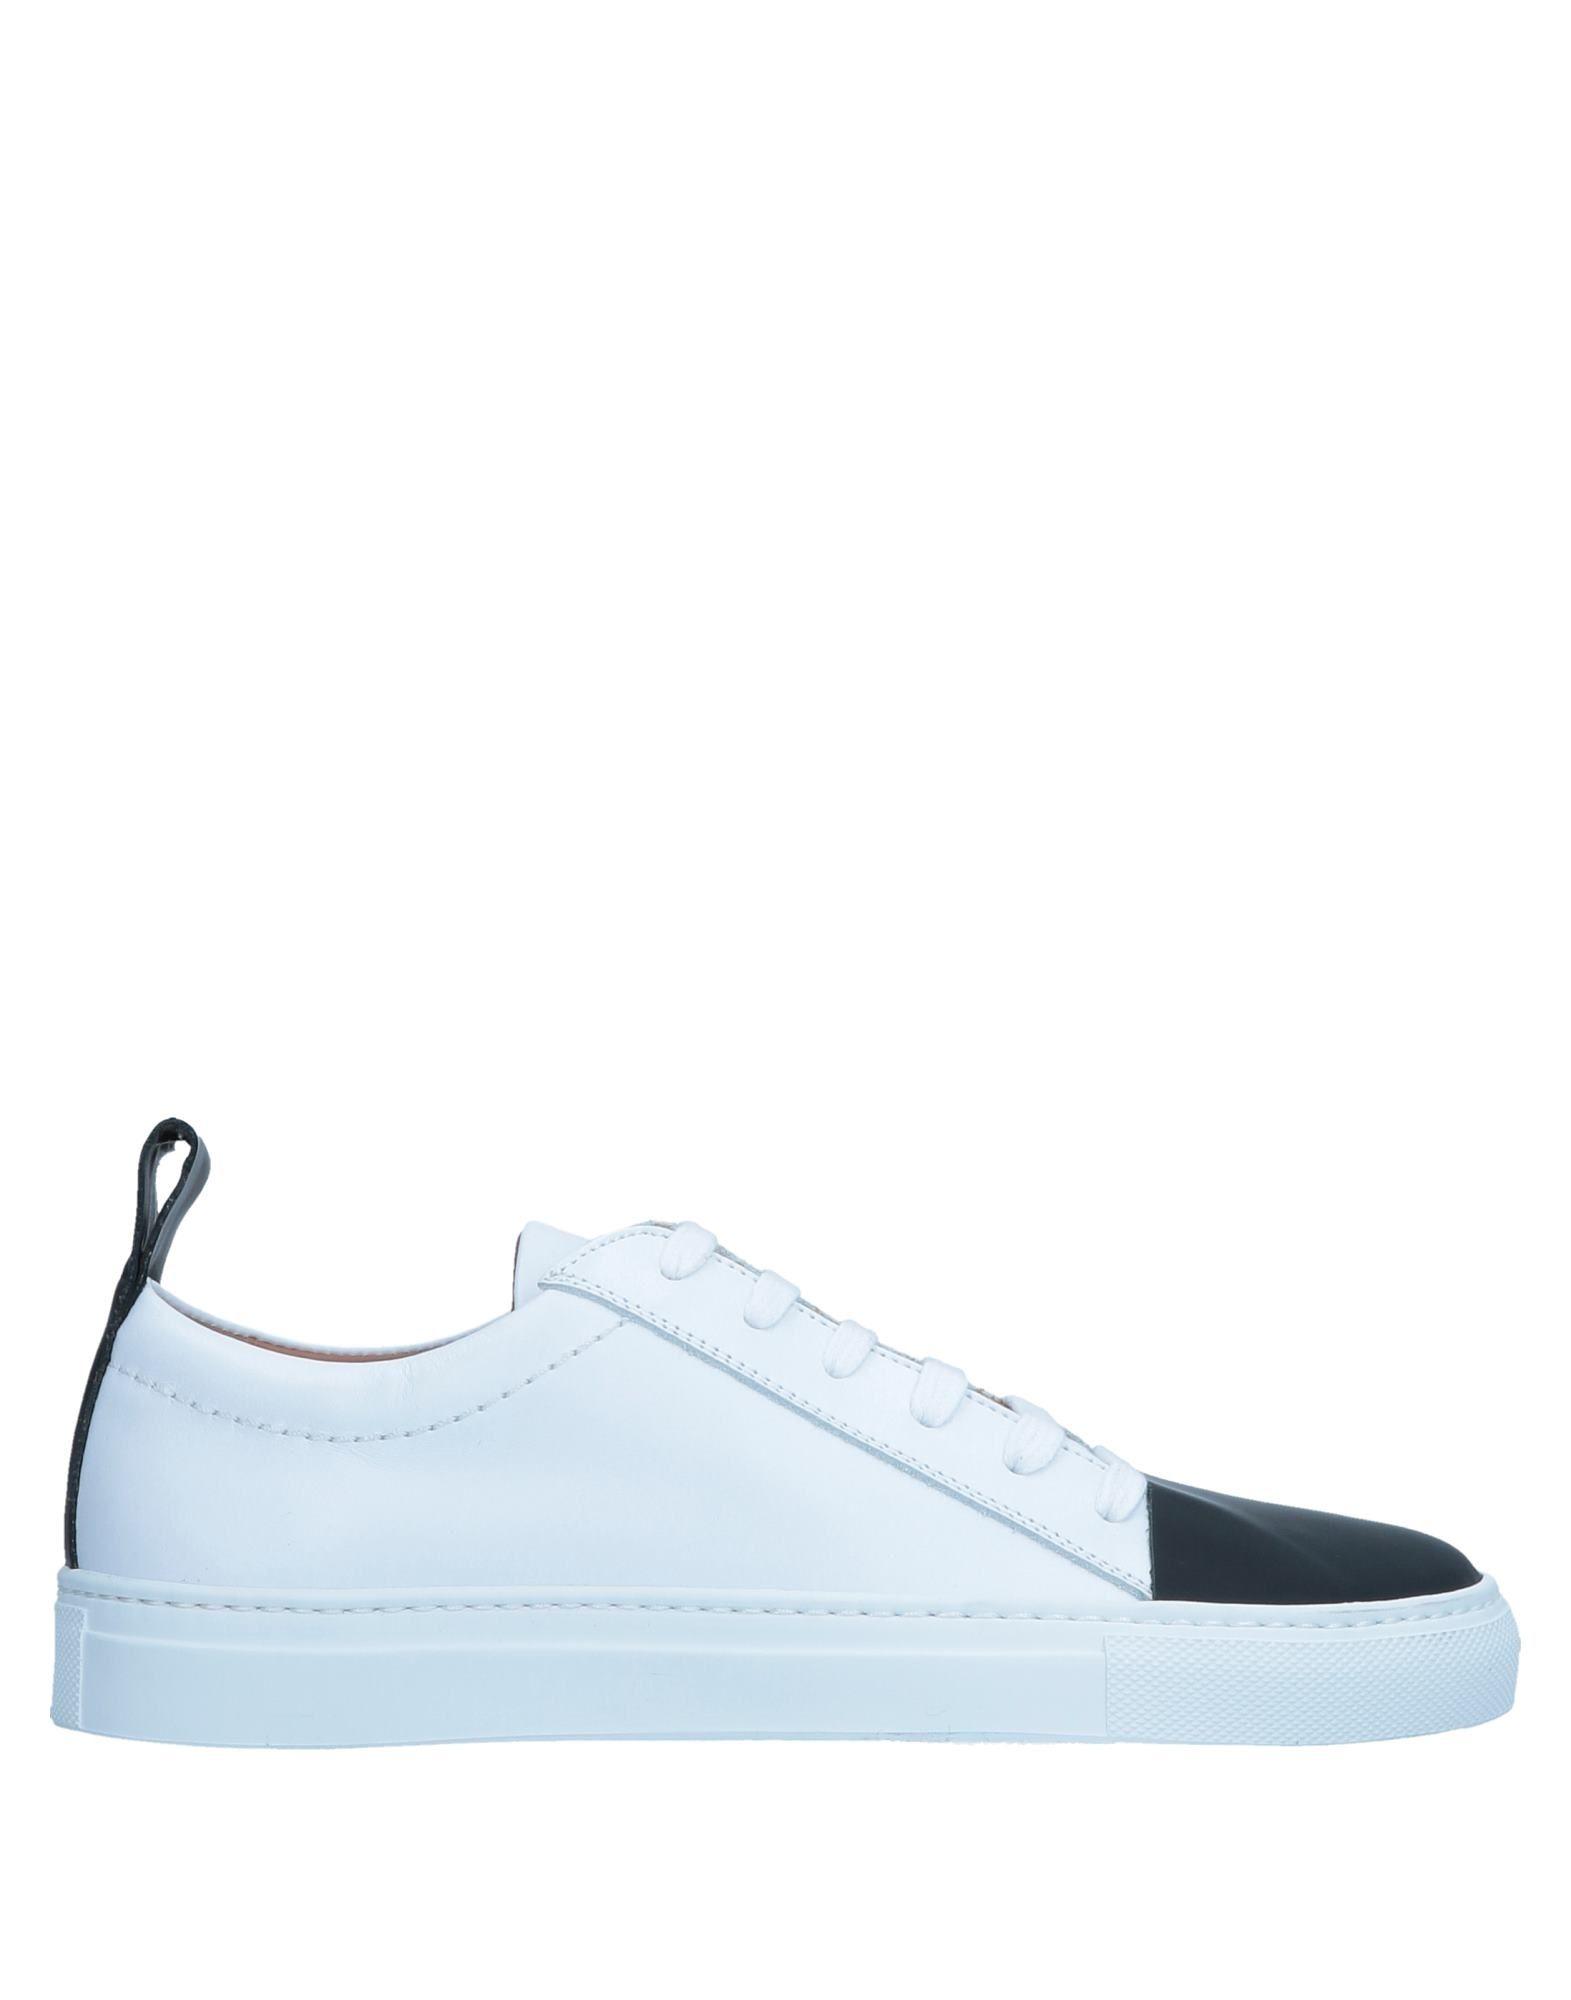 Joseph Sneakers - Women Joseph Sneakers Kingdom online on  United Kingdom Sneakers - 11553274XN 6843d6